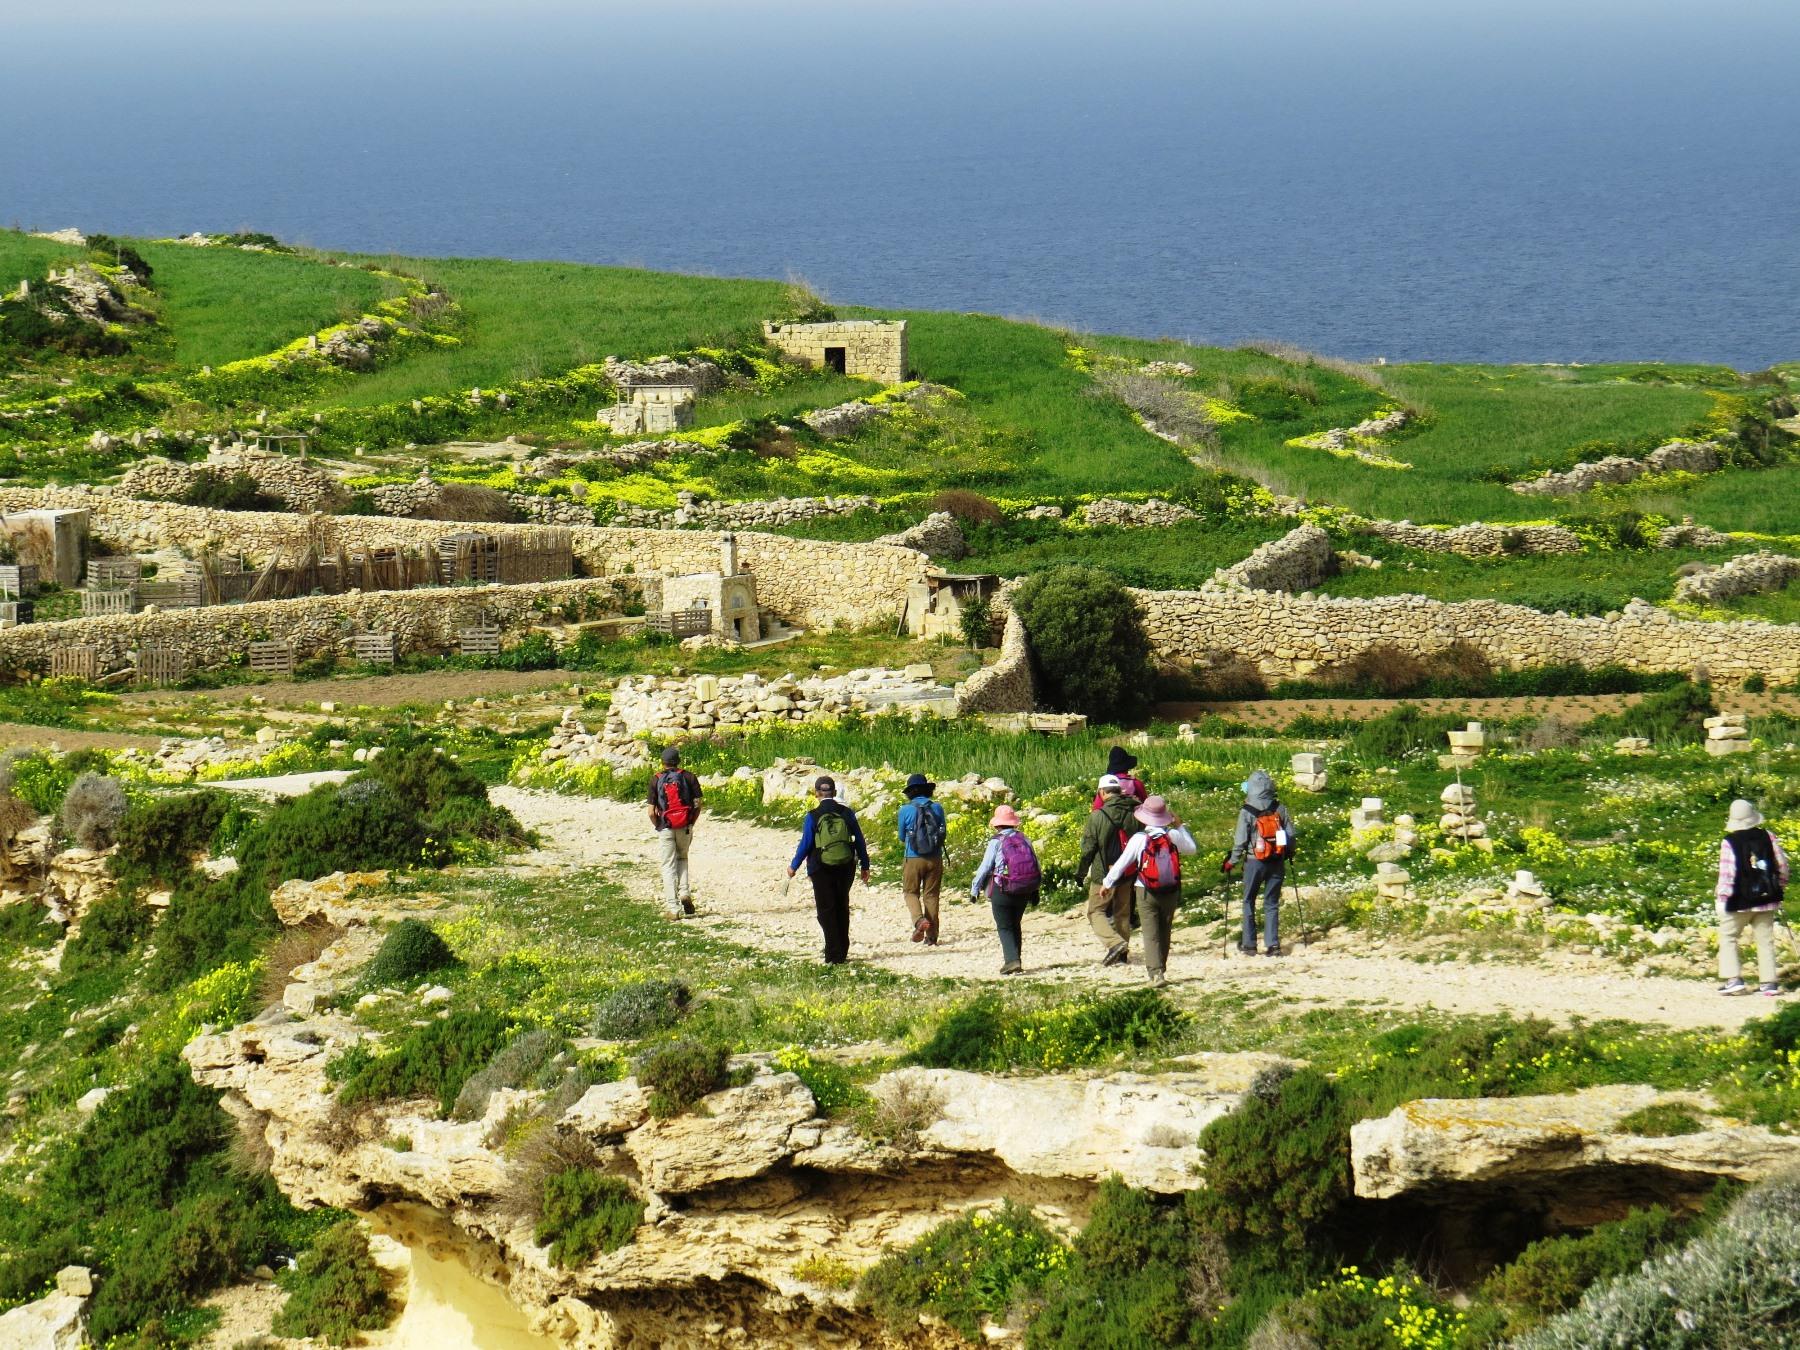 マルタ諸島のハイキング